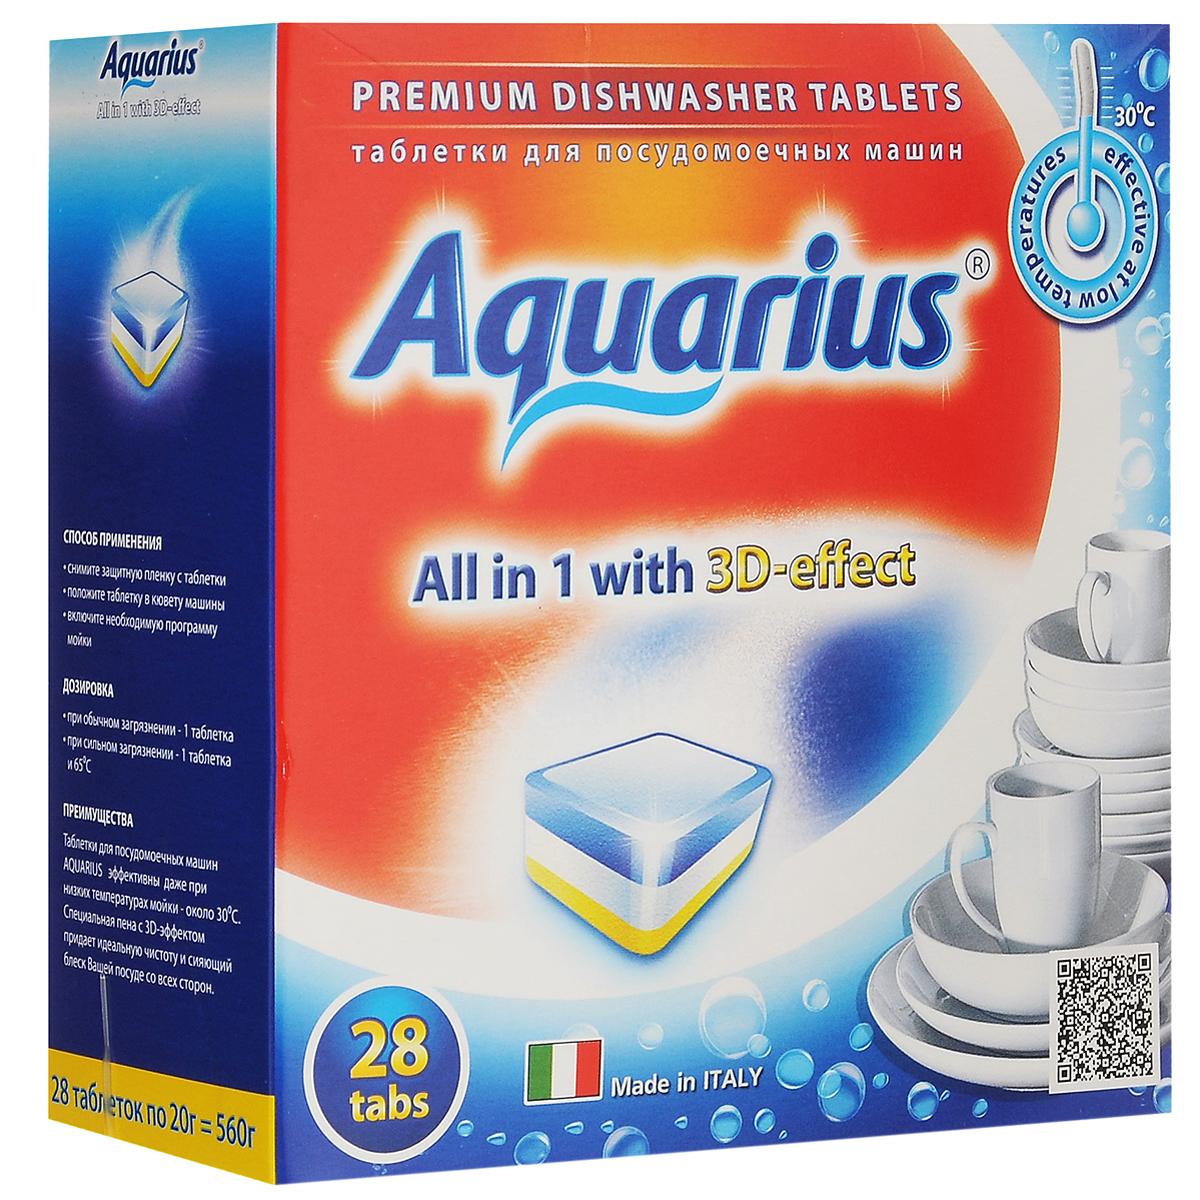 Таблетки для посудомоечных машин Lotta Aquarius, 28 шт787502Таблетки Lotta Aquarius предназначены для посудомоечных машин. Специальная пена с 3D-эффектом придает идеальную чистоту и сияющий блеск вашей посуде со всех сторон. Таблетки эффективны даже при низких температурах мойки - около 30°С.Для этого необходимо снять защитную пленку, положить таблетку в кювету машины и включить необходимую программу. В комплект входит 28 штук. Вес одной таблетки: 20 г. Состав: фосфаты более 30%, кислородосодержащий отбеливатель более 5%, но менее 15%, поликарбоксилаты, фосфонаты, неионные ПАВ, энзимы (амилаза, протеаза), краситель, отдушка менее 5%. Товар сертифицирован.